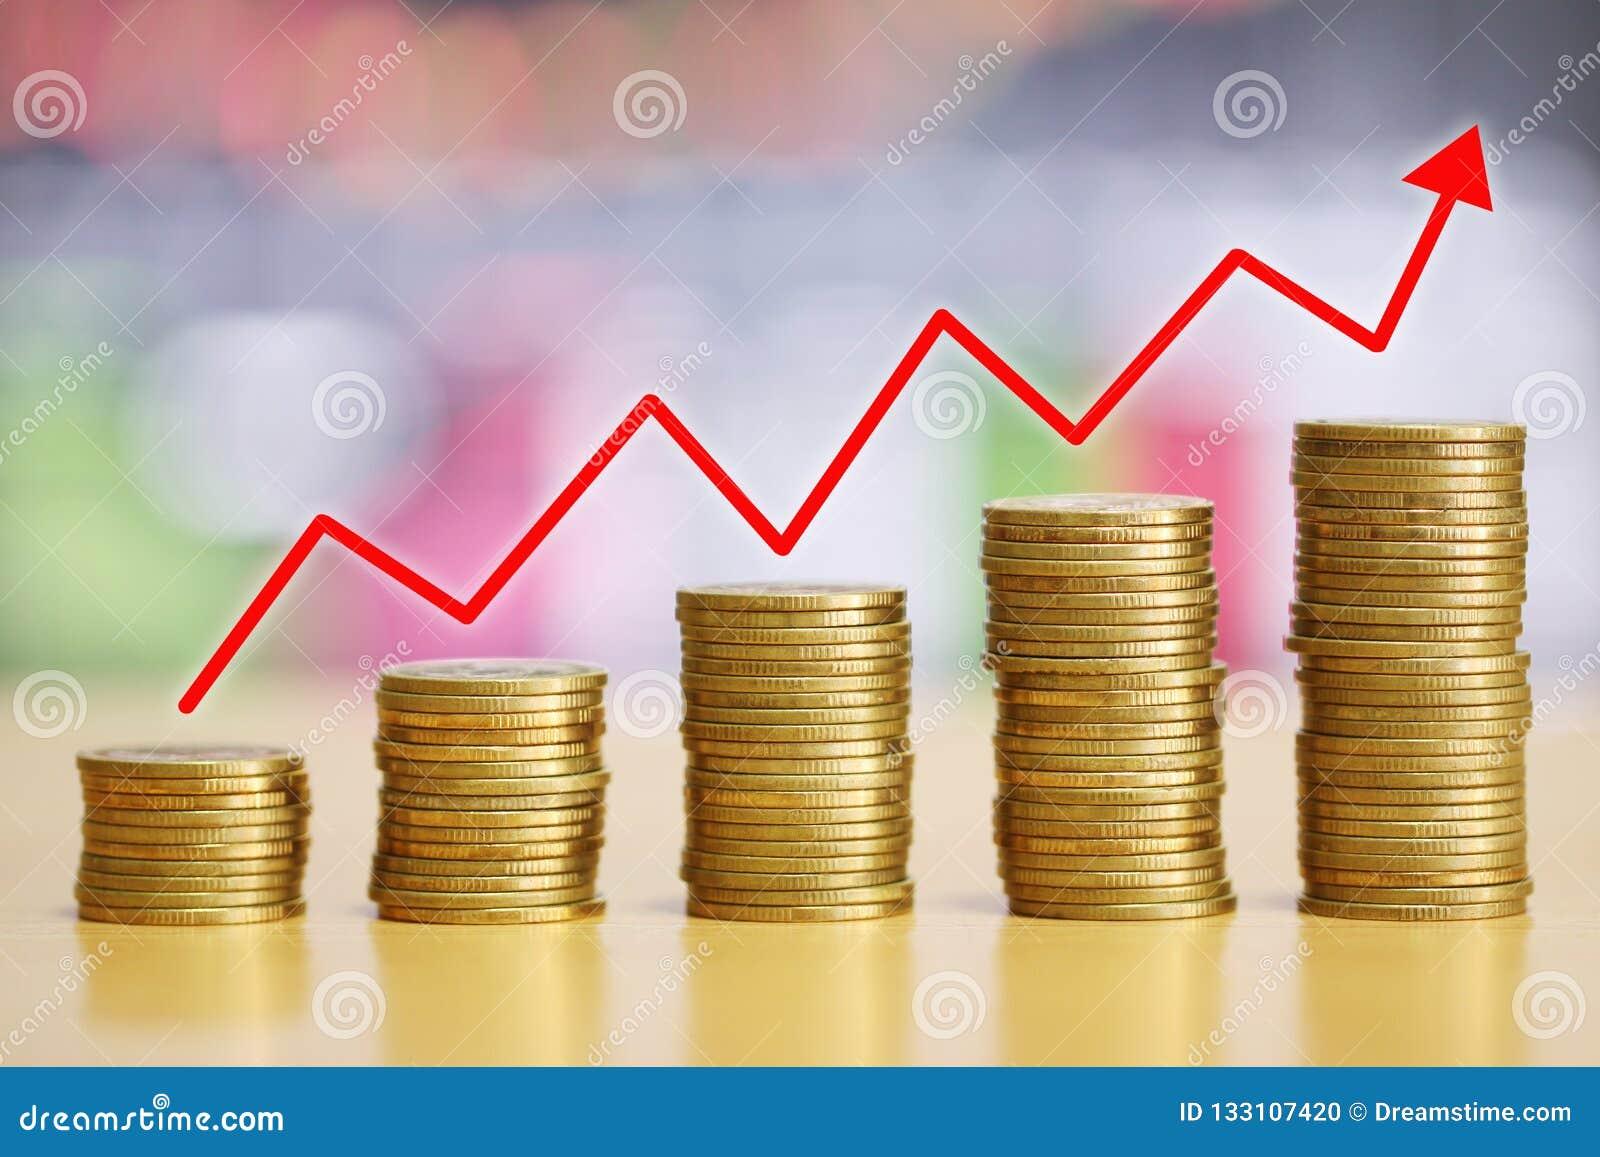 堆财政增长的概念金币和红色箭头是ri